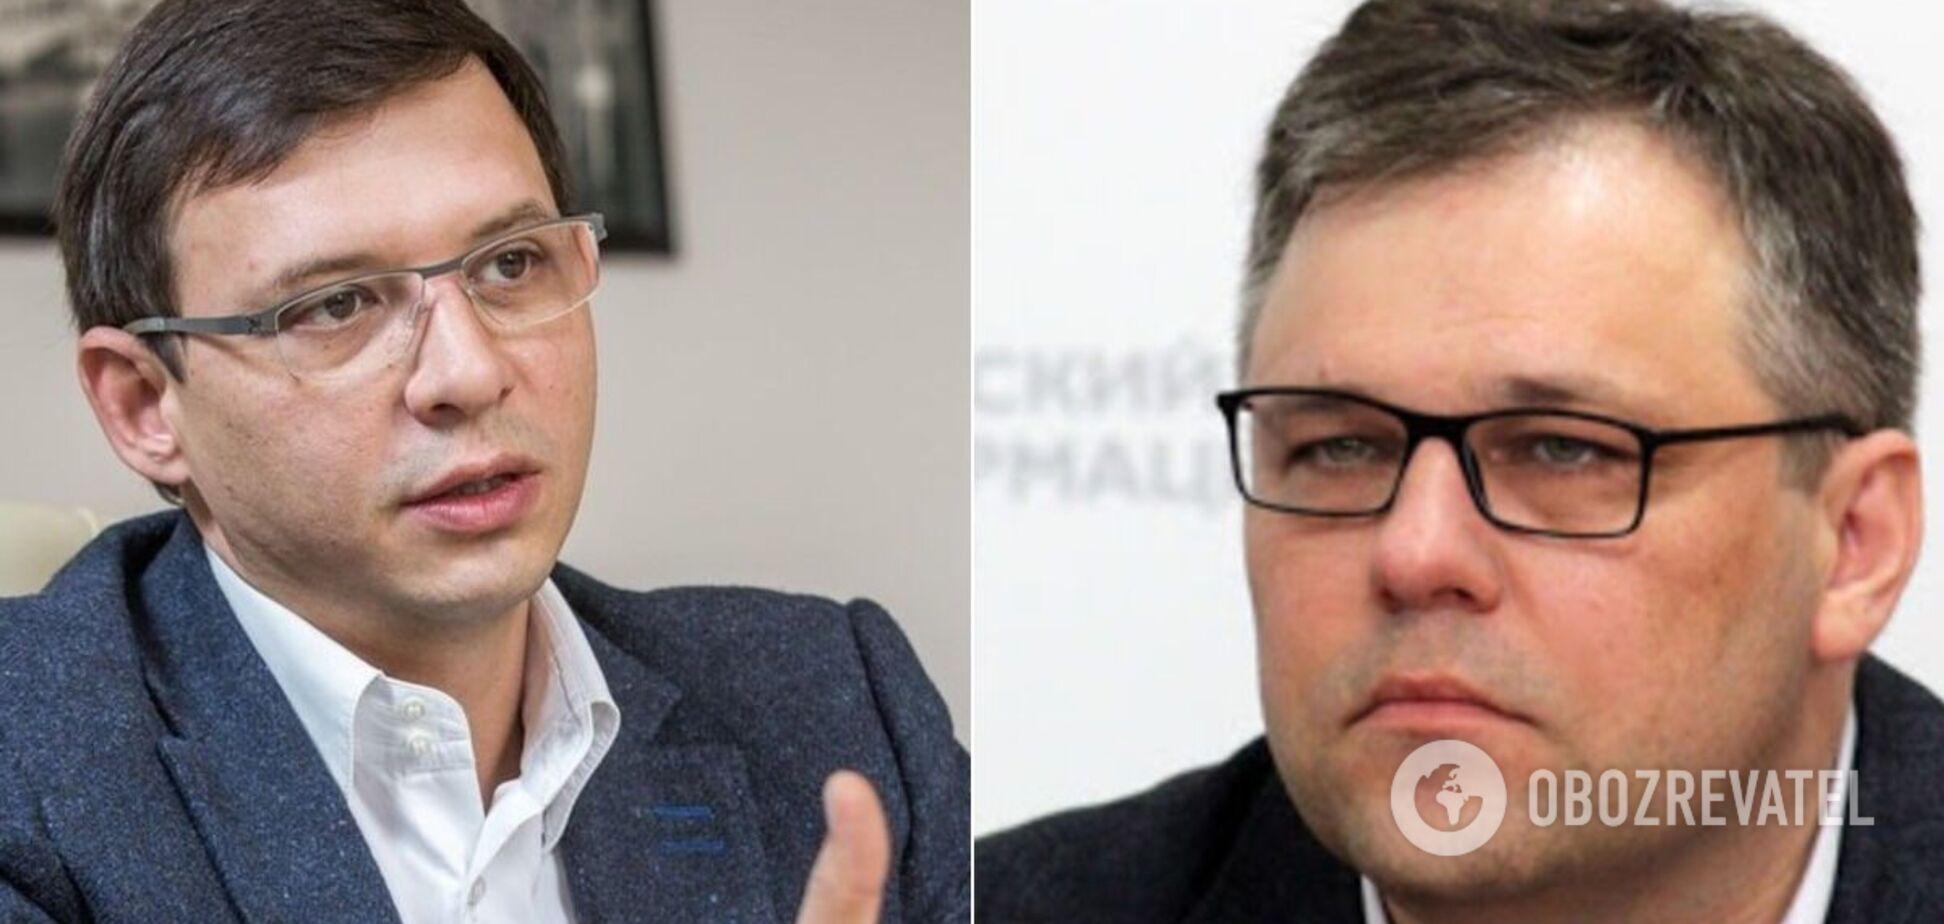 Мураєв запросив до ефіру терориста 'ЛНР'